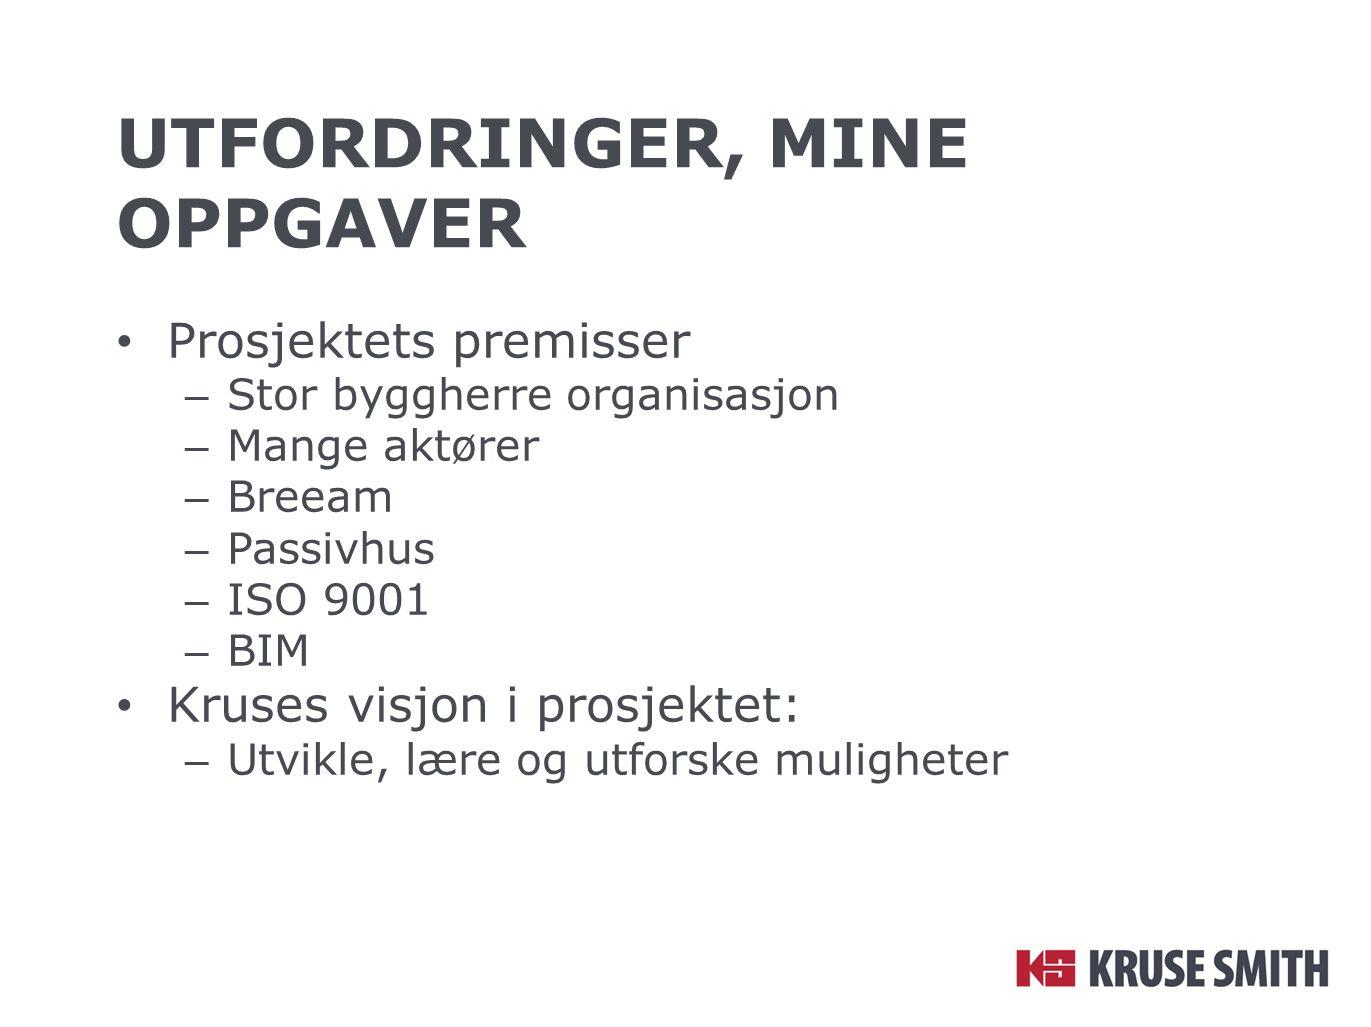 UTFORDRINGER, MINE OPPGAVER Prosjektets premisser – Stor byggherre organisasjon – Mange aktører – Breeam – Passivhus – ISO 9001 – BIM Kruses visjon i